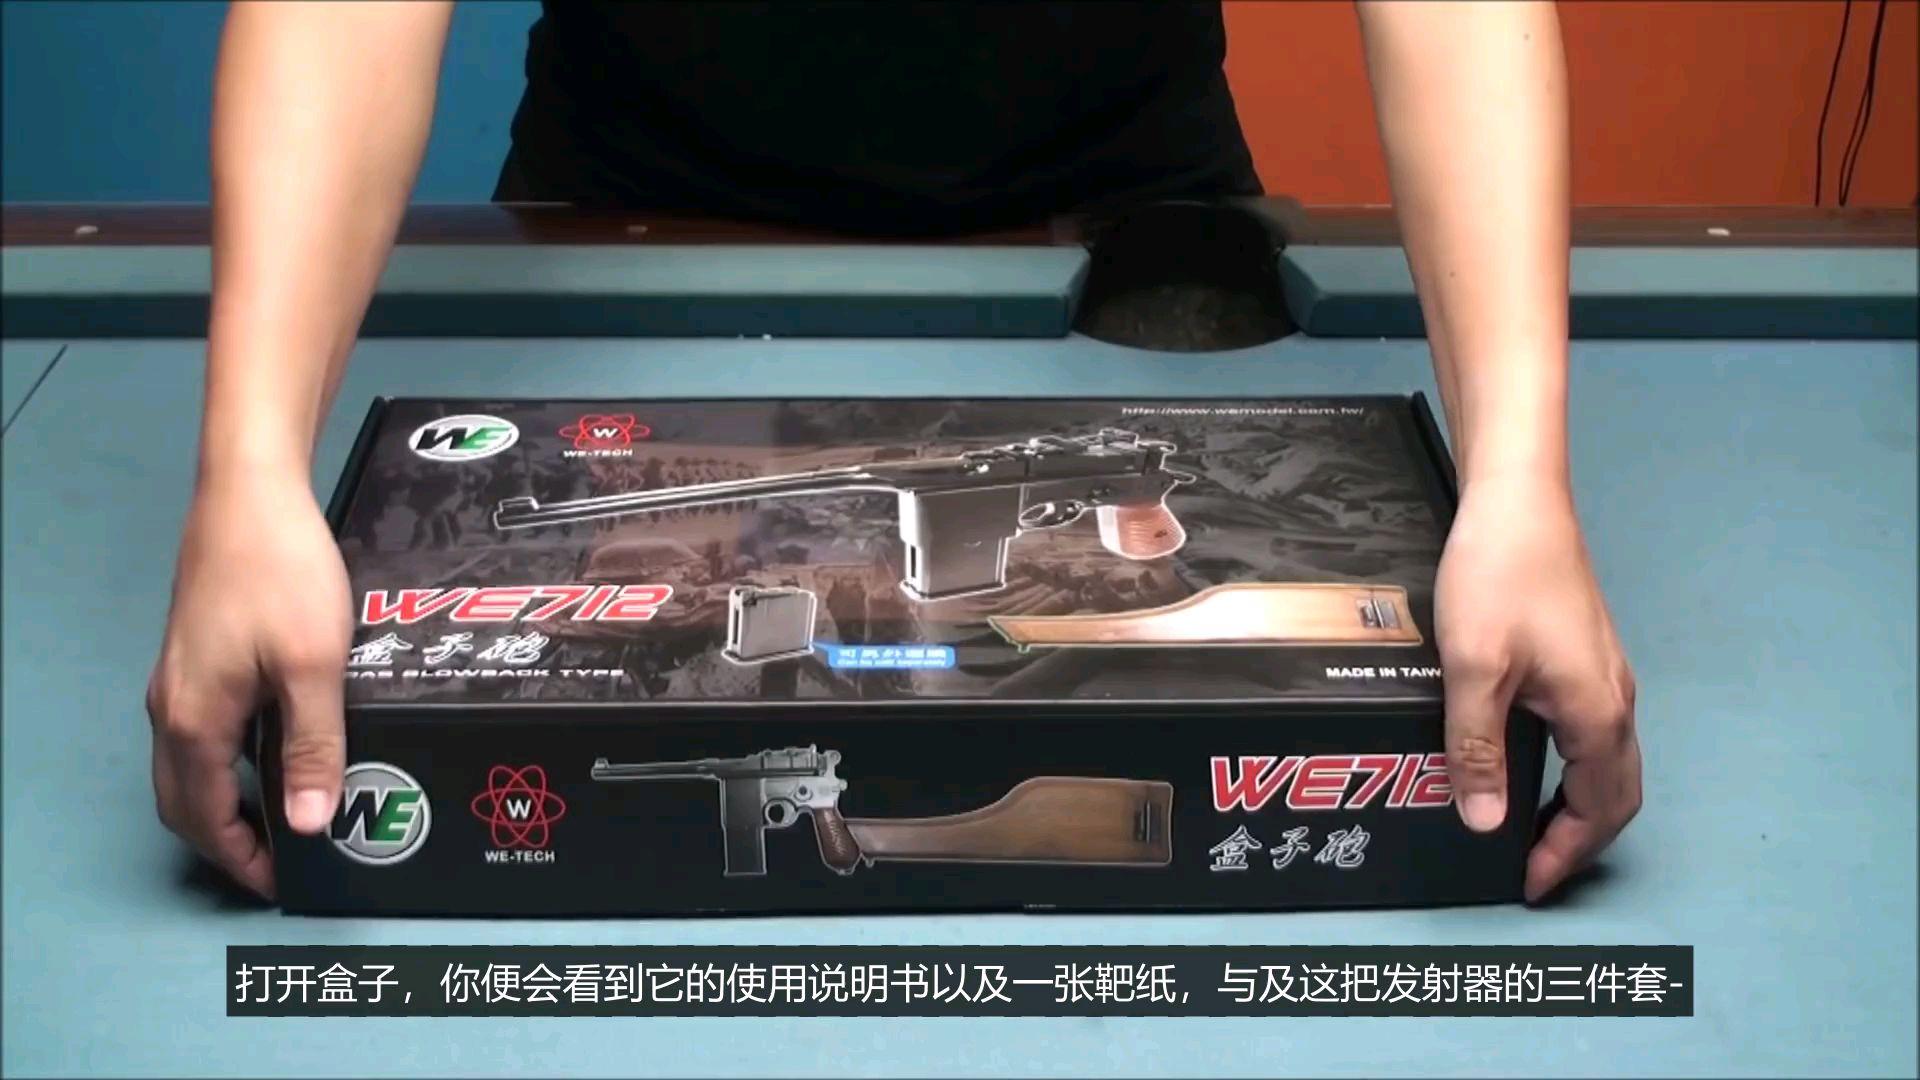 【中字/AST】打鬼子利器-伟益W712 盒子砲/自来得手枪气动回膛发射器介绍